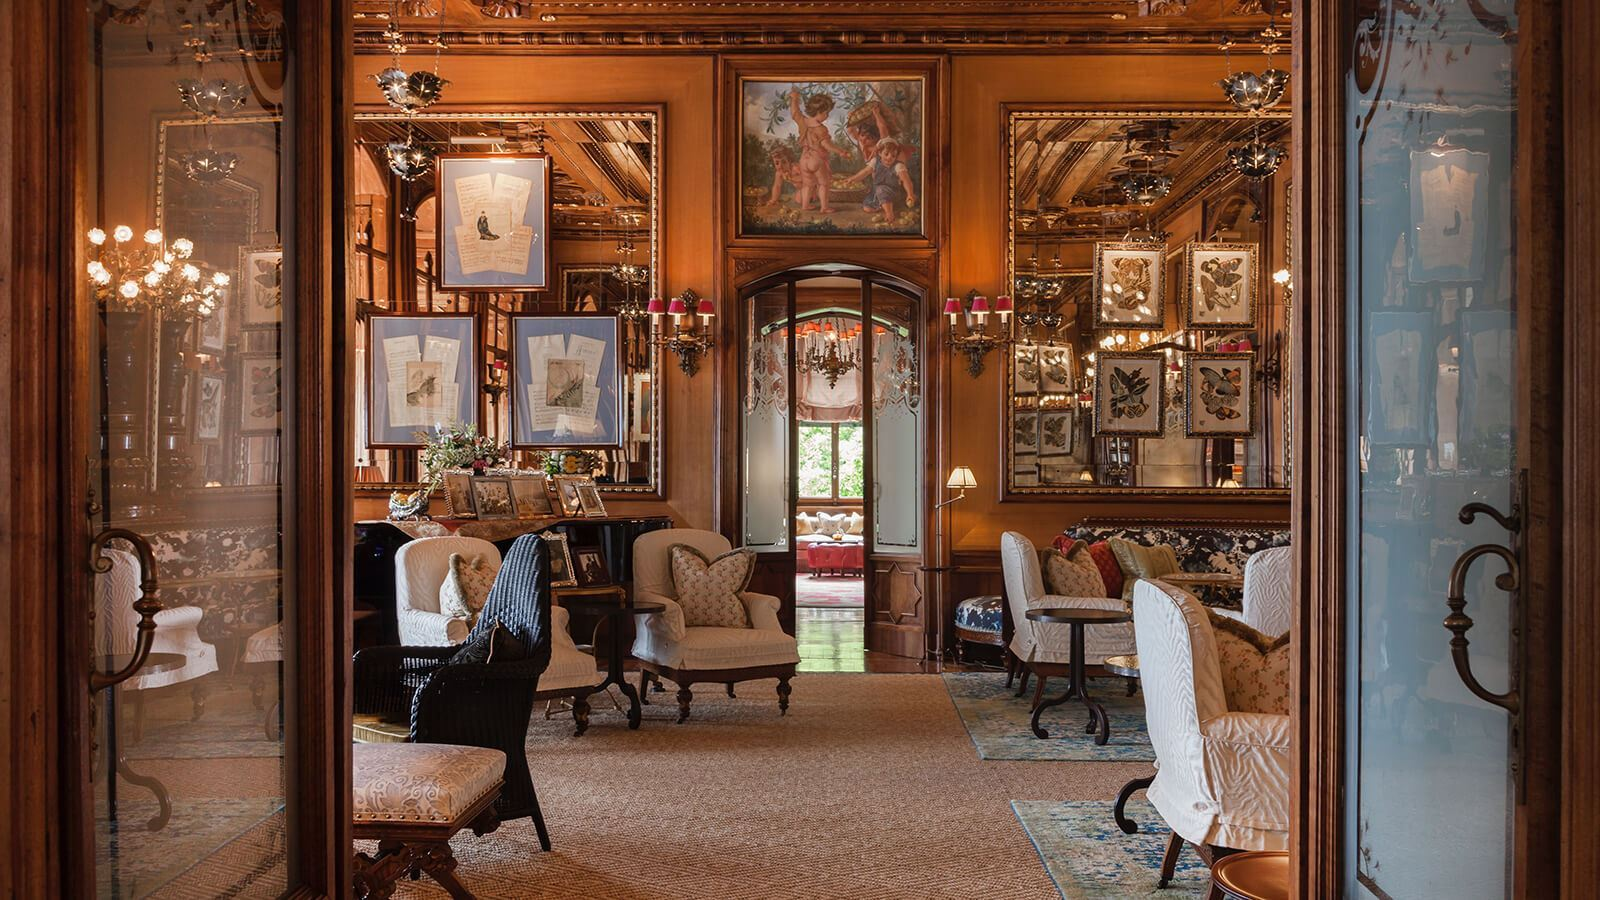 Grand Hotel a Villa Feltrinelli - The Lounge area